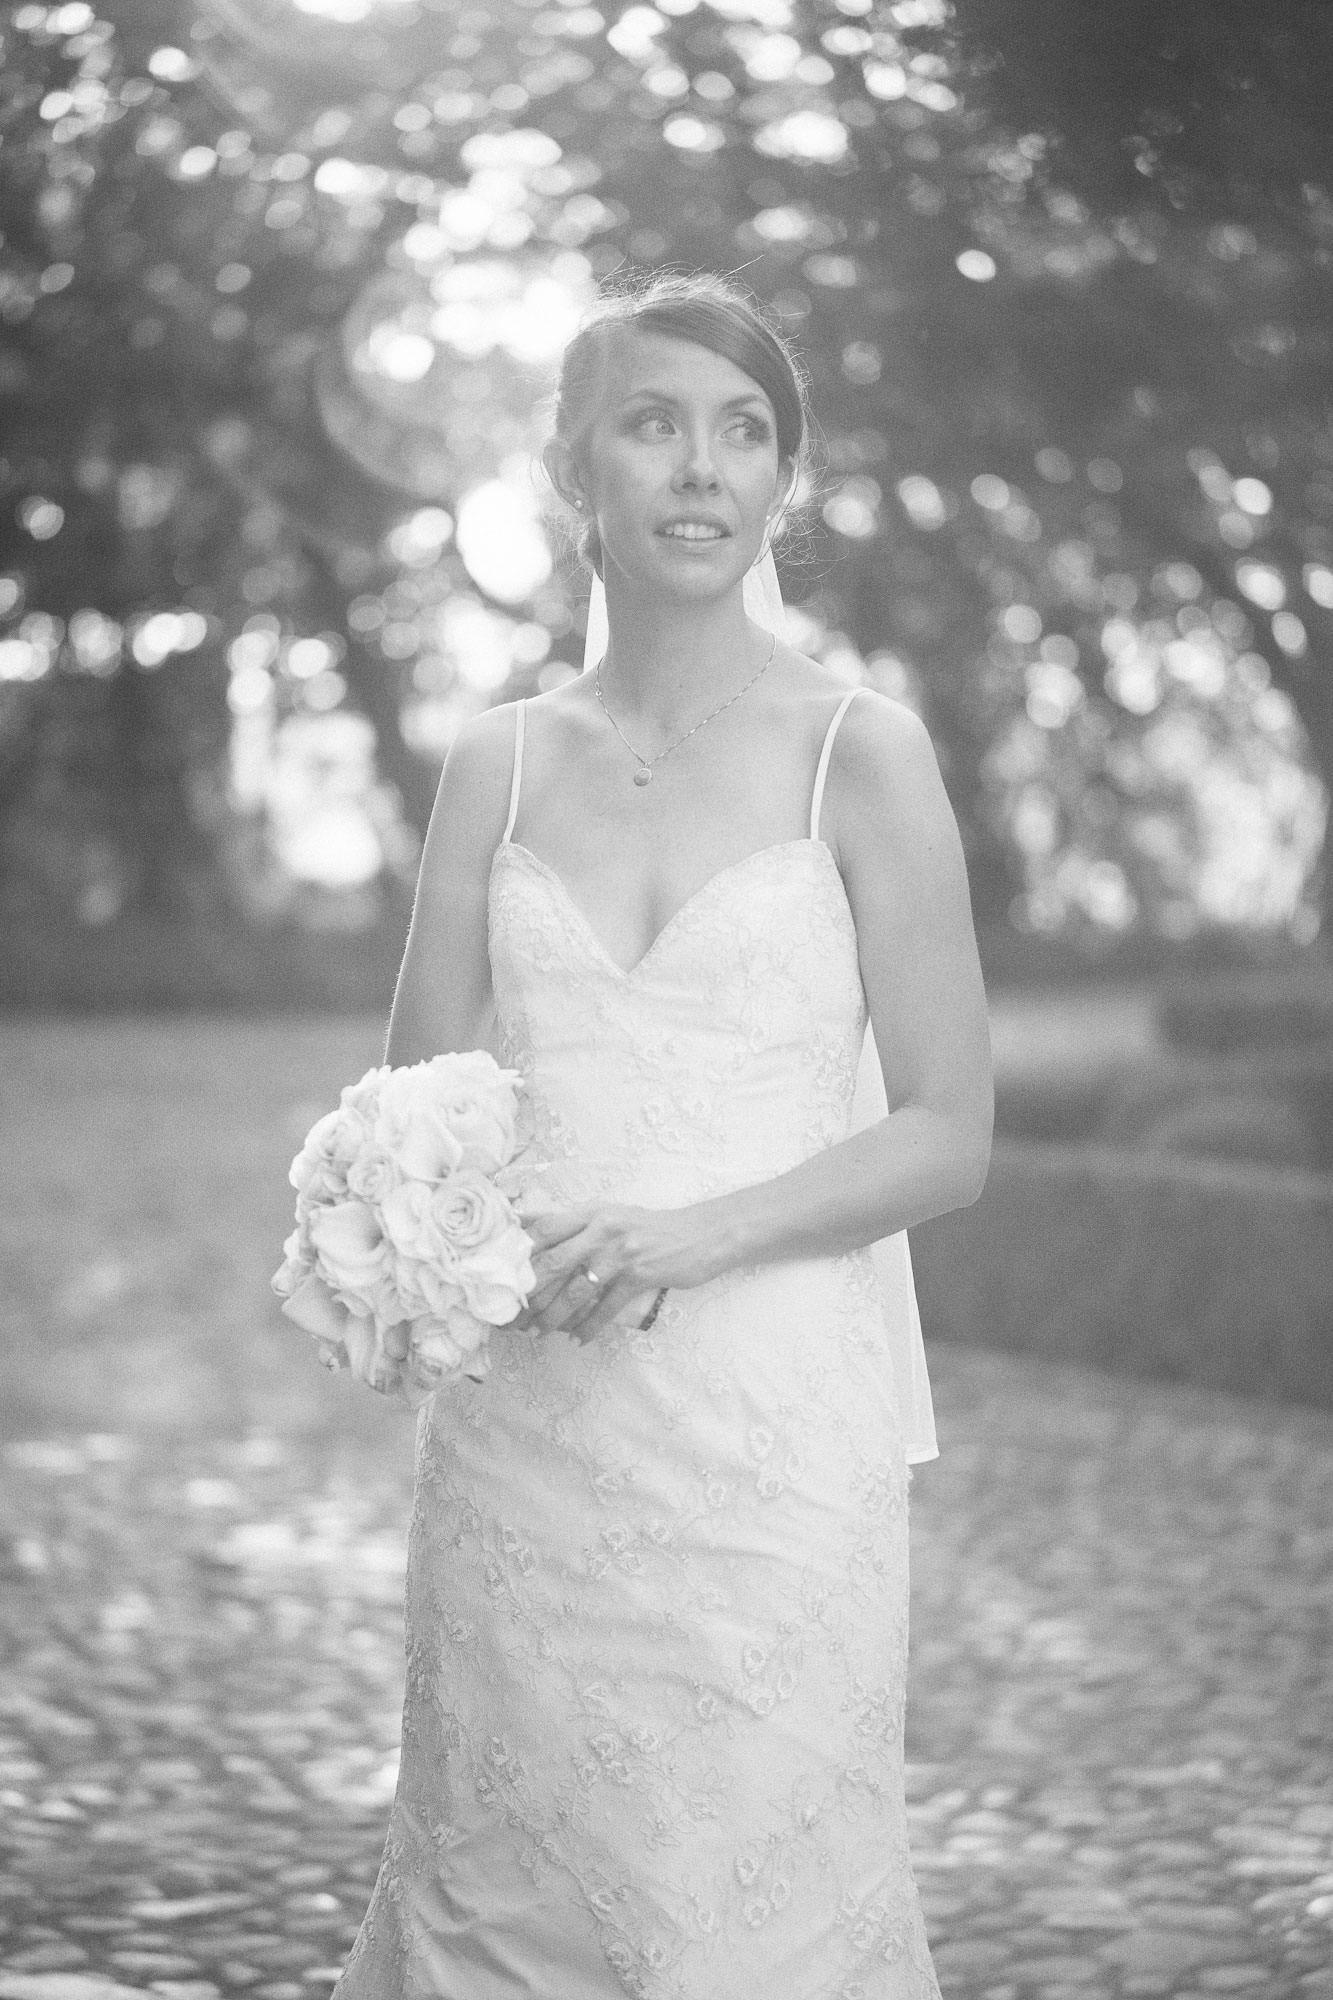 Designers av brudklänningen Empirio från kollektionen Garamaj Couture - är Garamaj of Sweden. Foto: Tove Lundquist, bröllopsfotograf på Österlen. Bröllopslokalen är Örum 119.